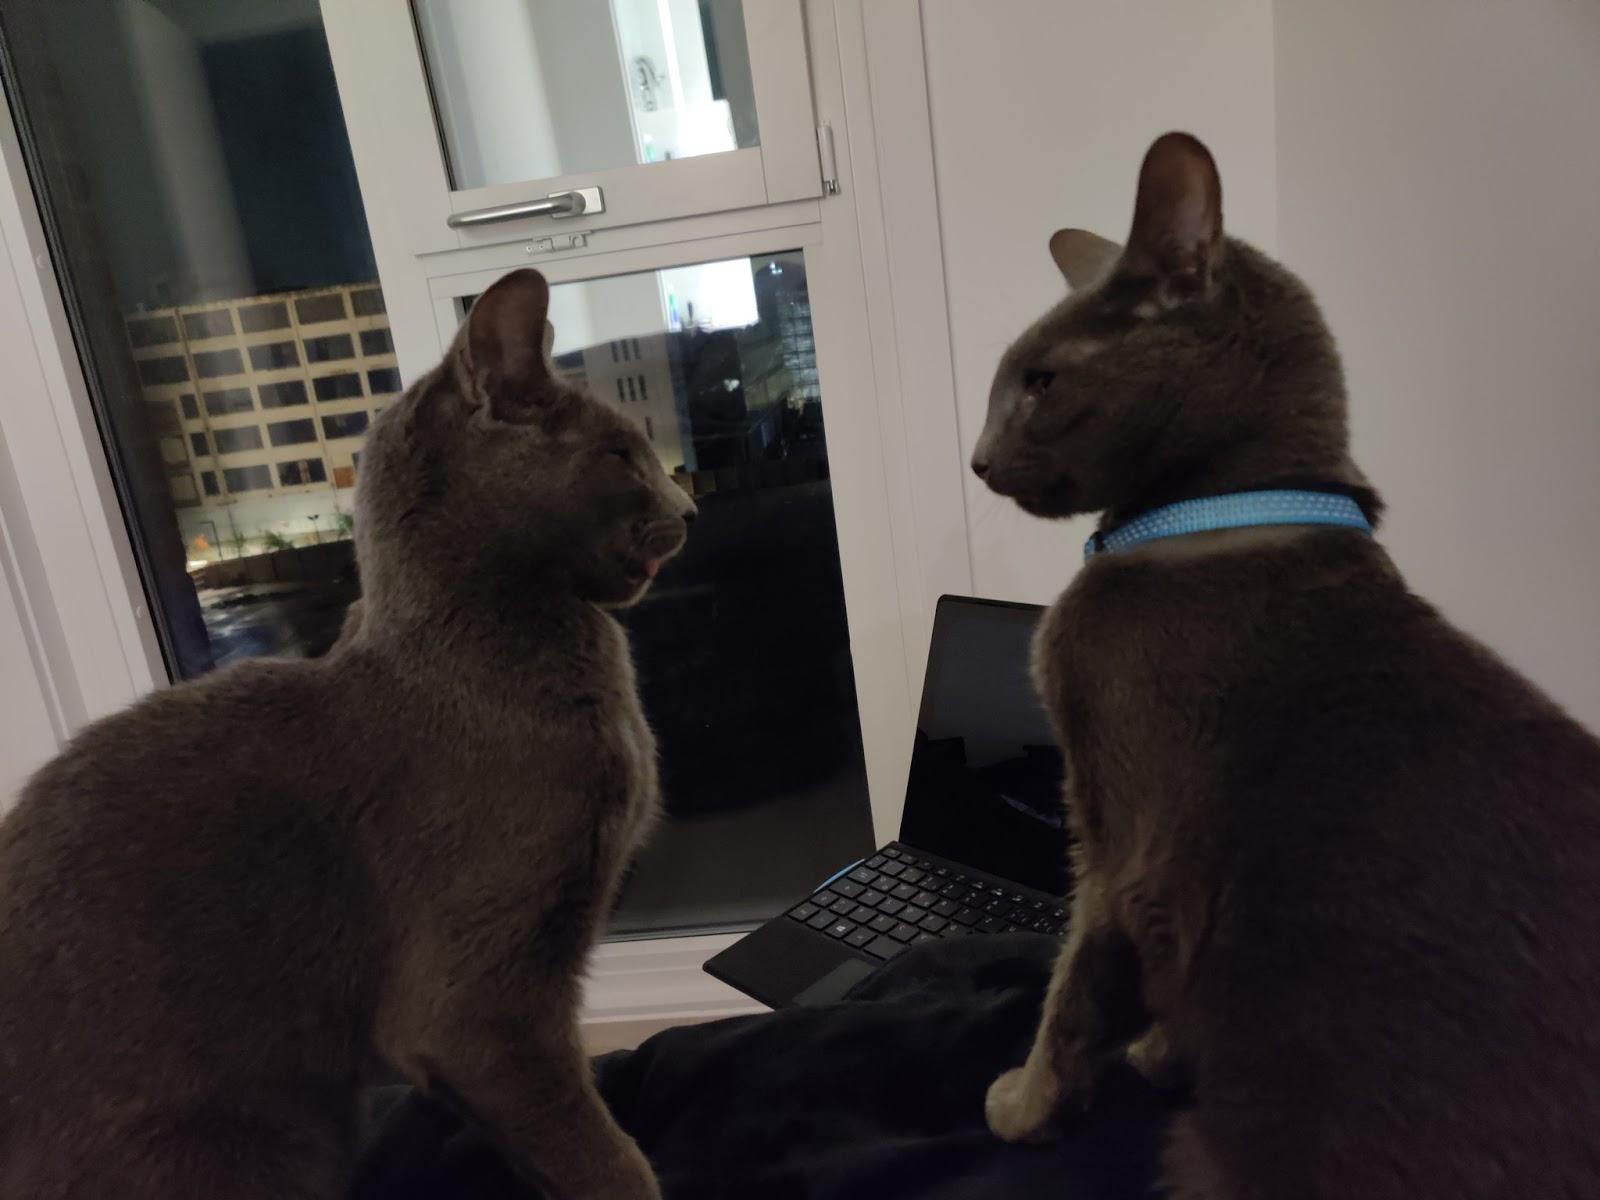 Cats of Fabian Wosar